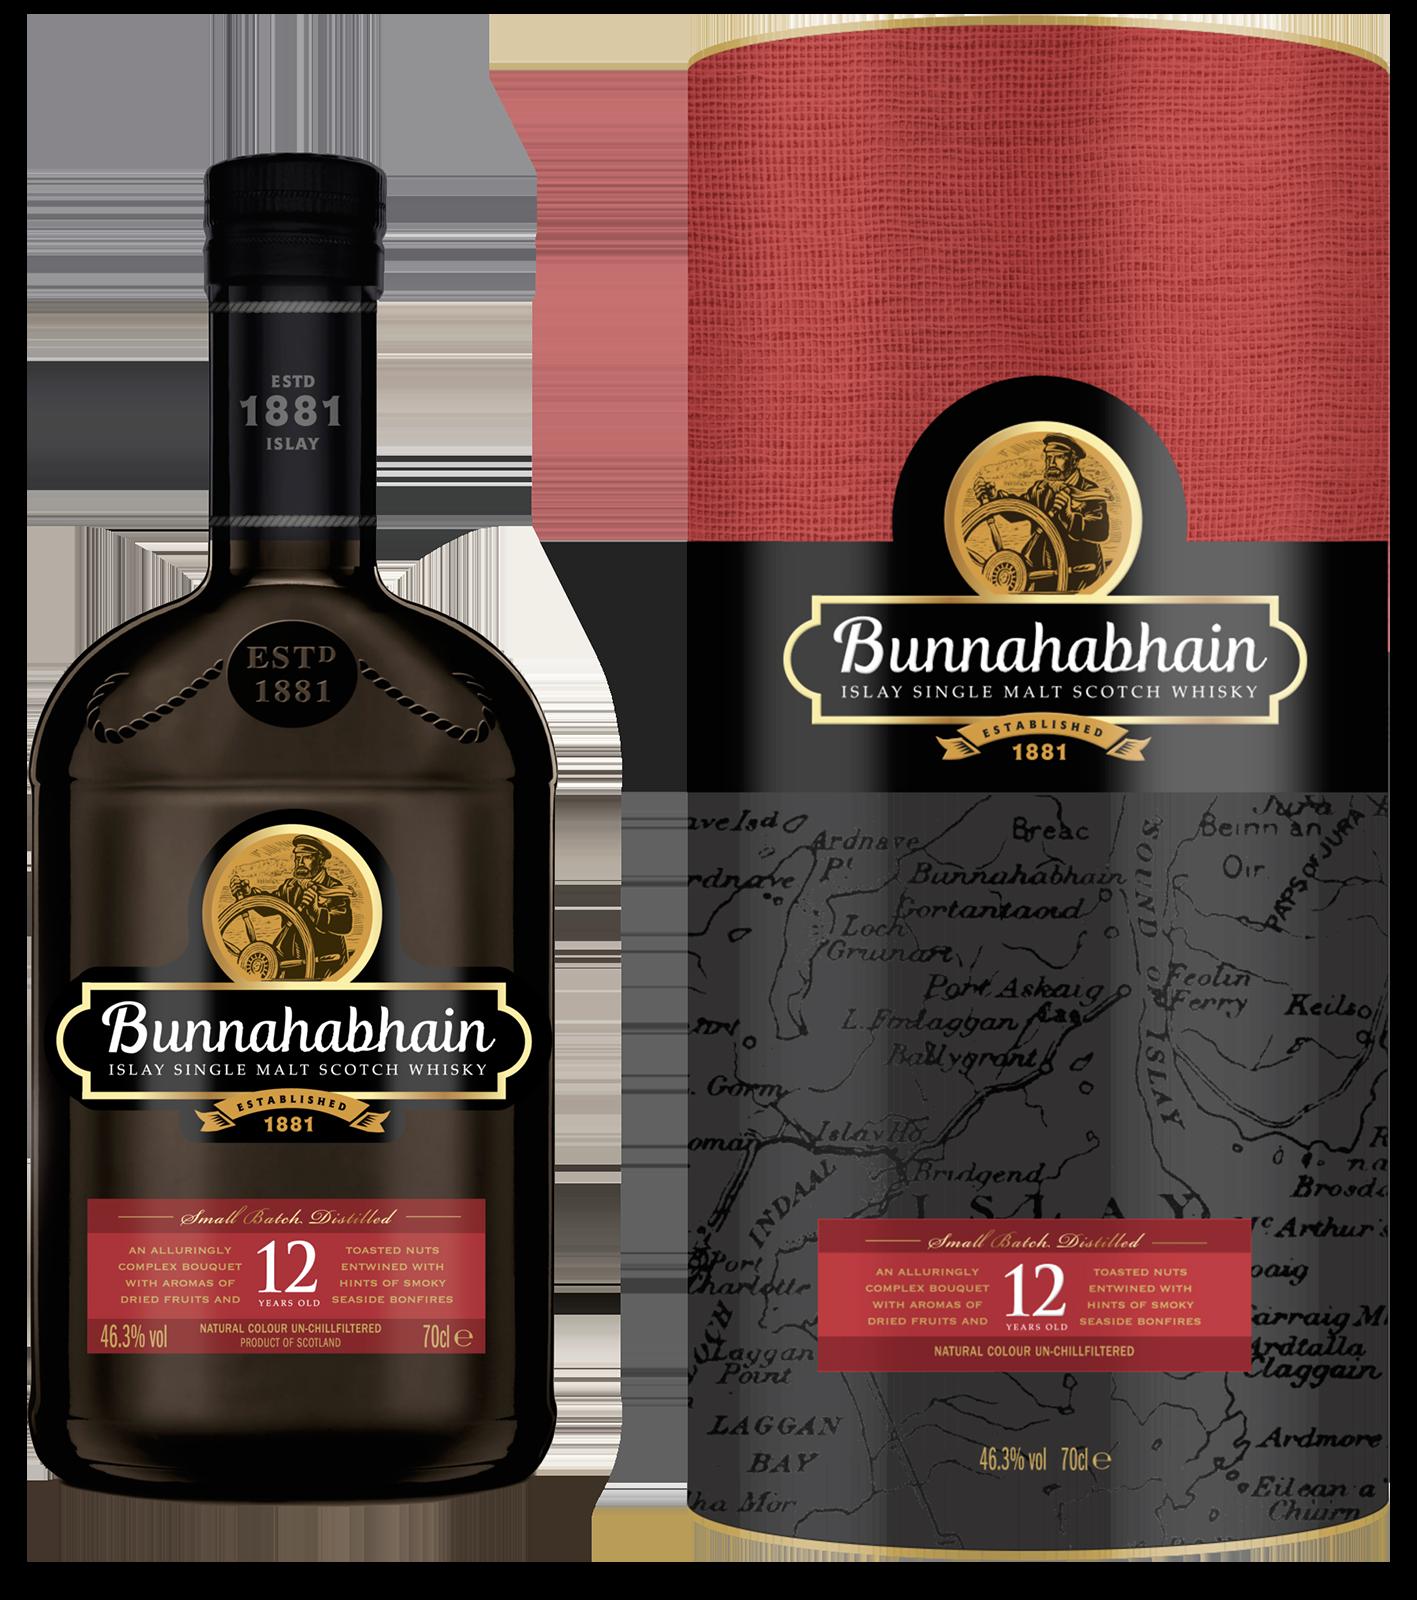 NV-Bunnahabhain Whisky 12 Years